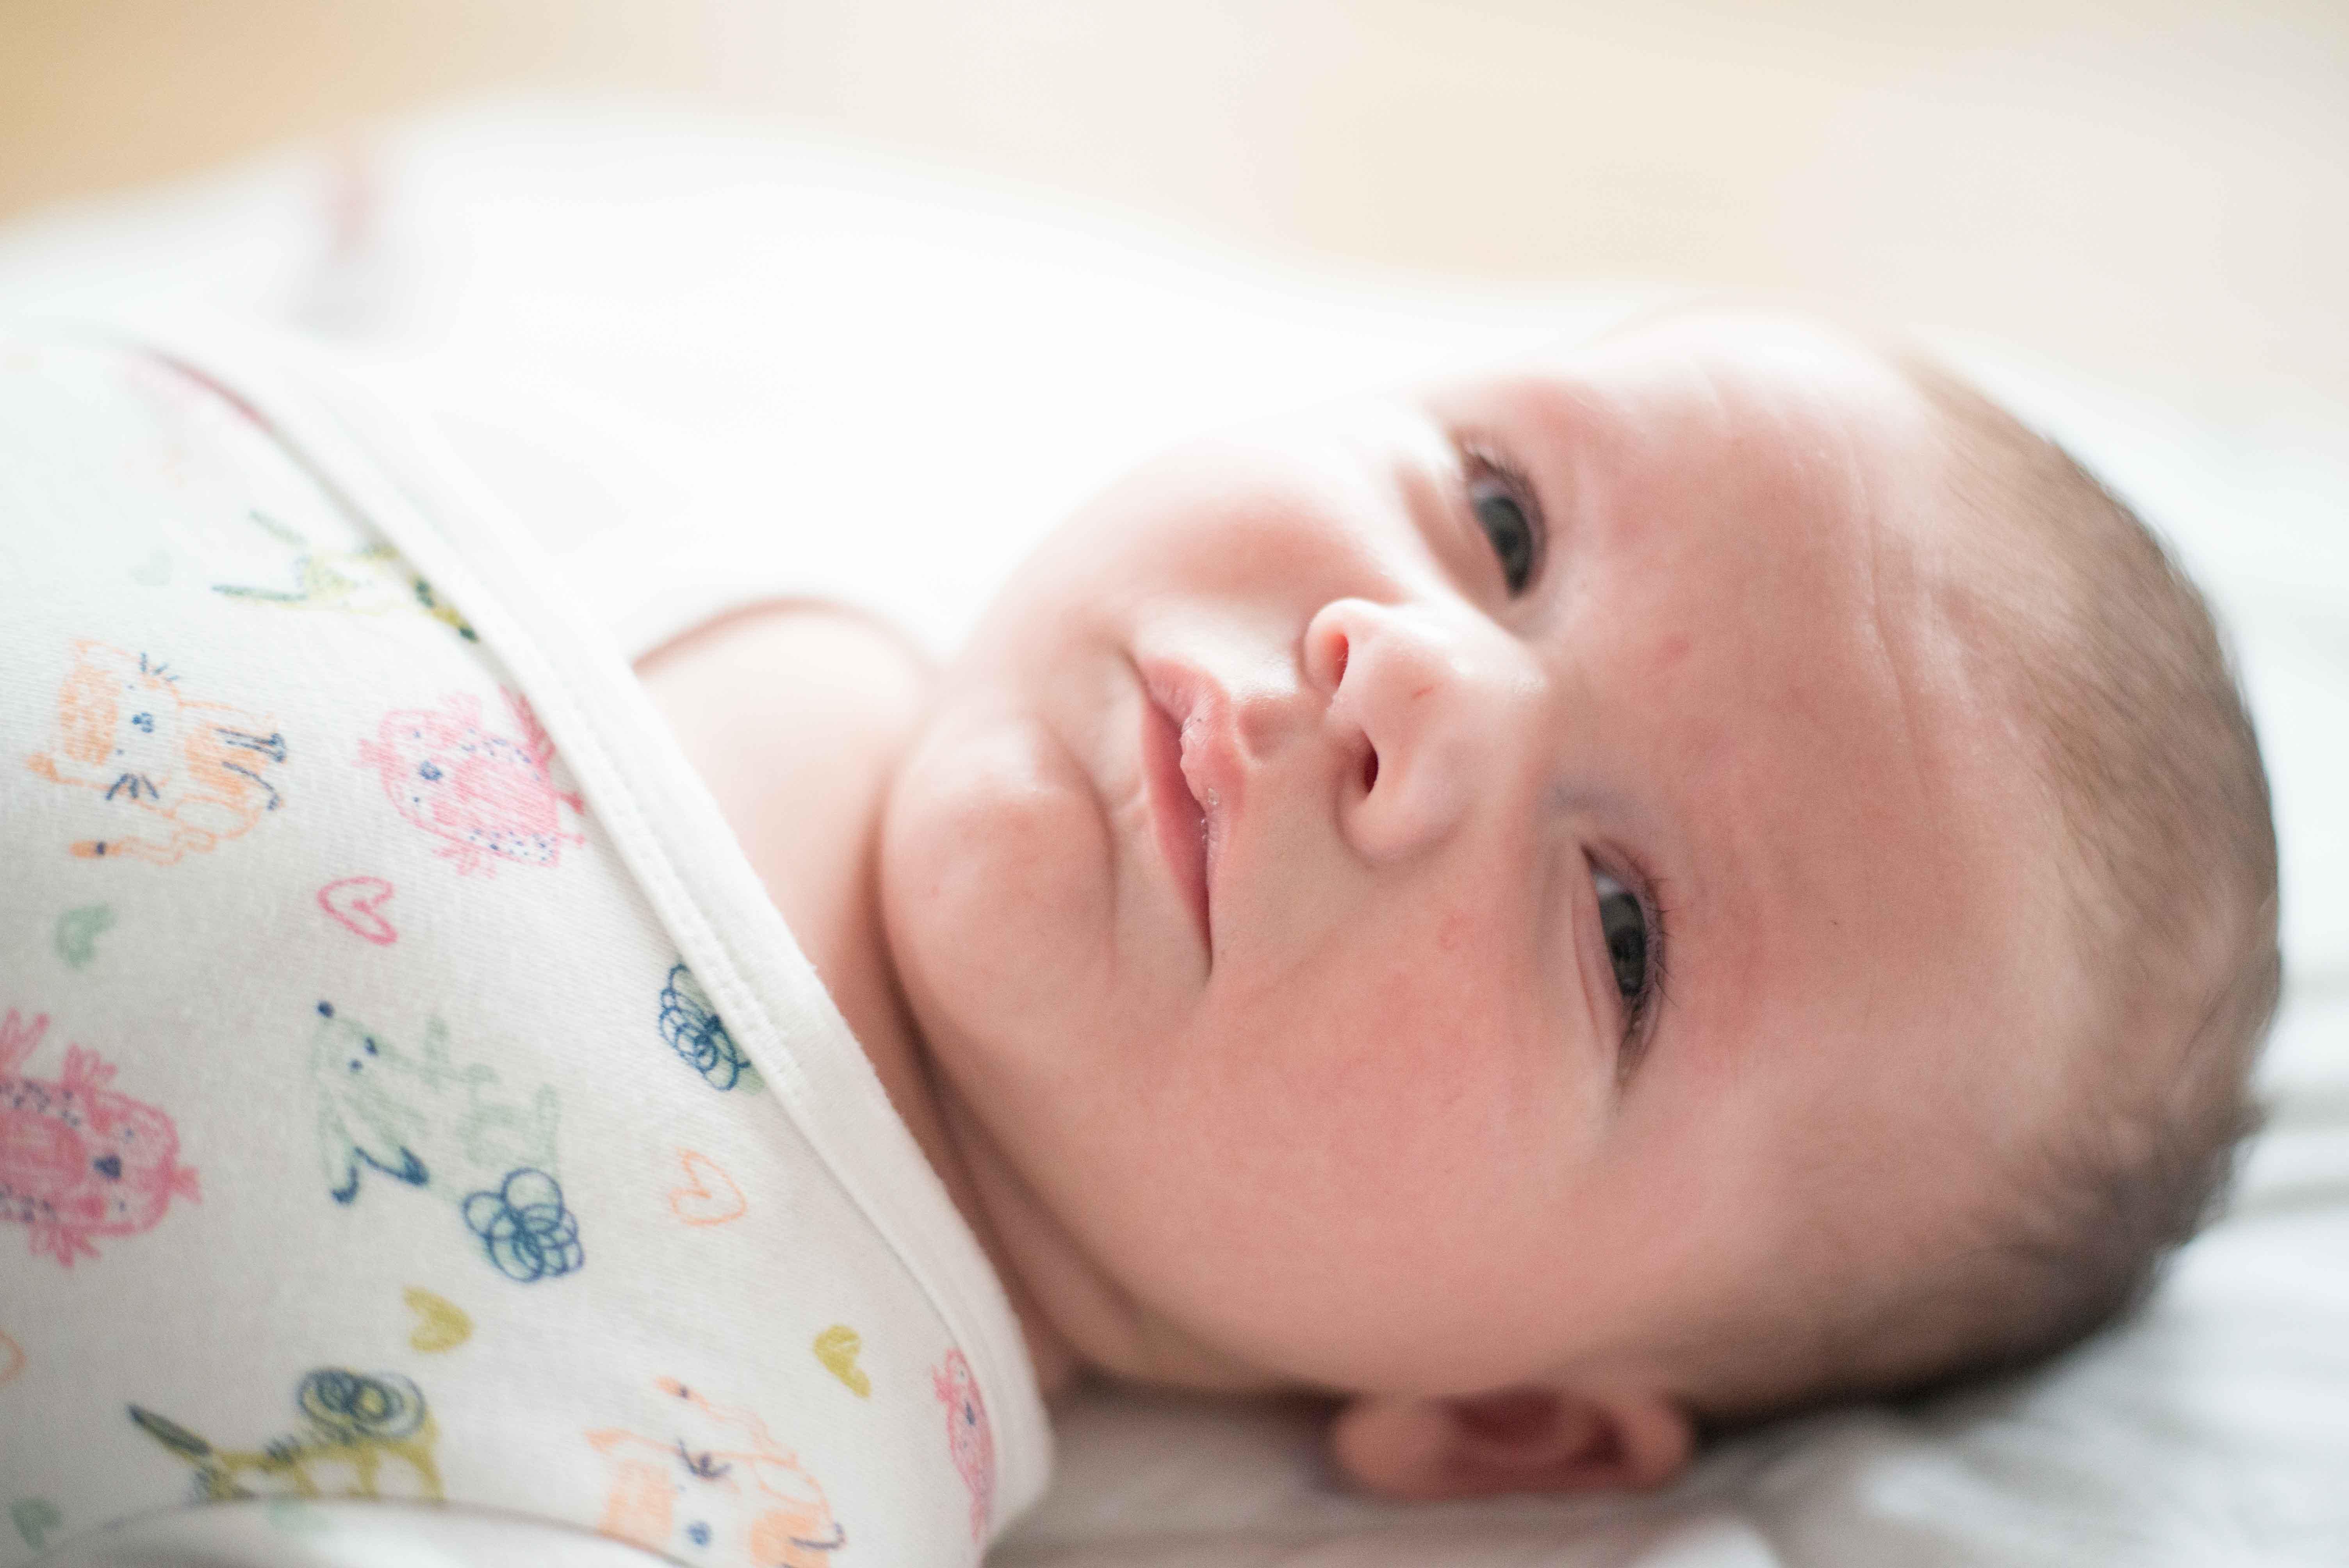 sesja-rodzinna-dzieck-newborn-wroclaw-okonasznurku (25)